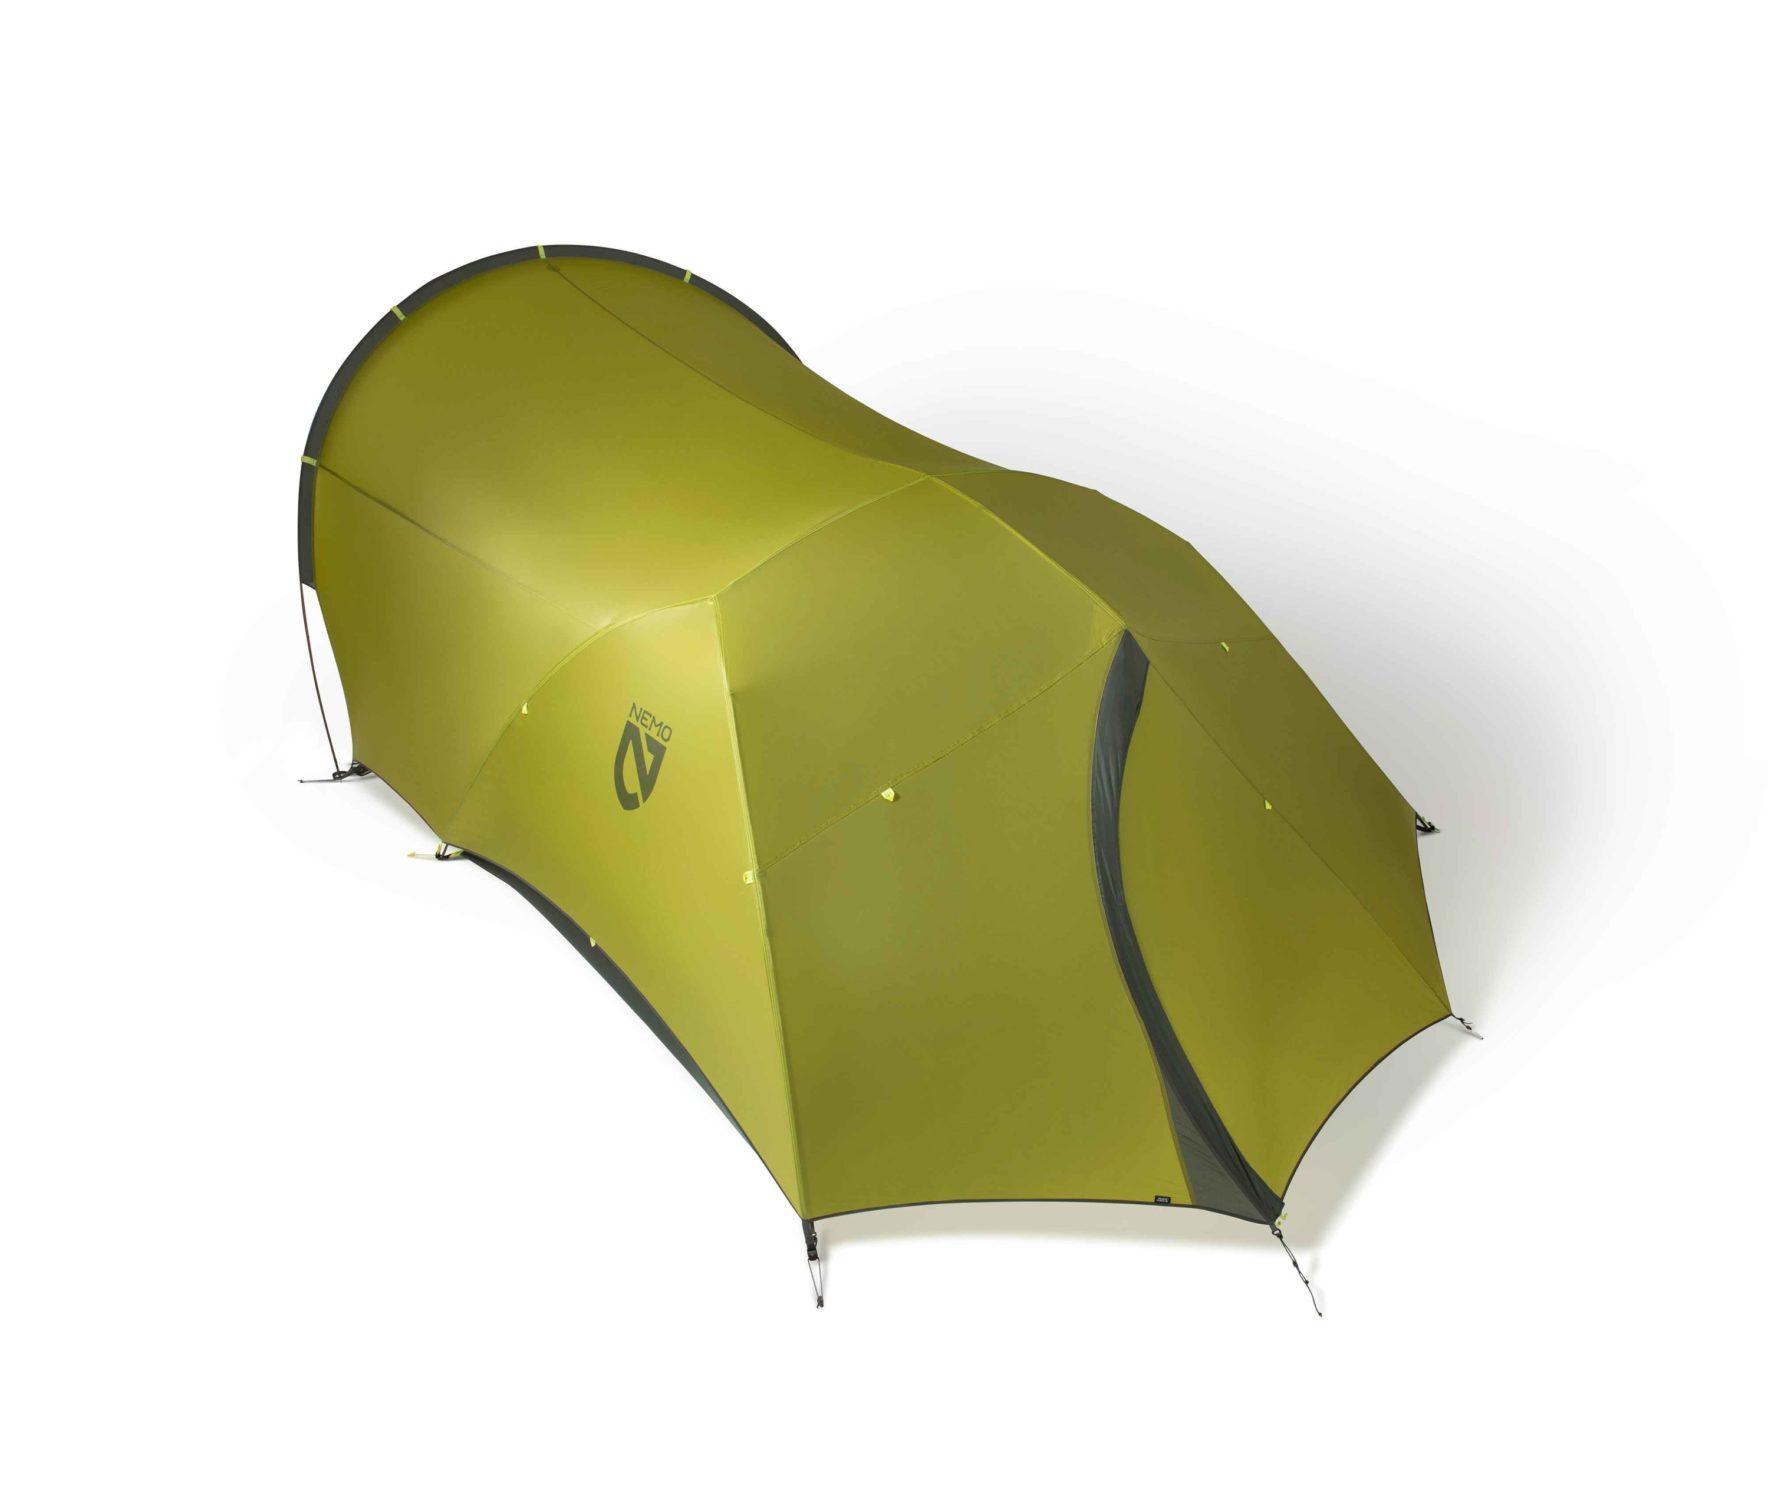 NEMO(ニーモ)から巨大な前室を持つミニマムなテントが発売されました「DAGGER PORCH TENT」6